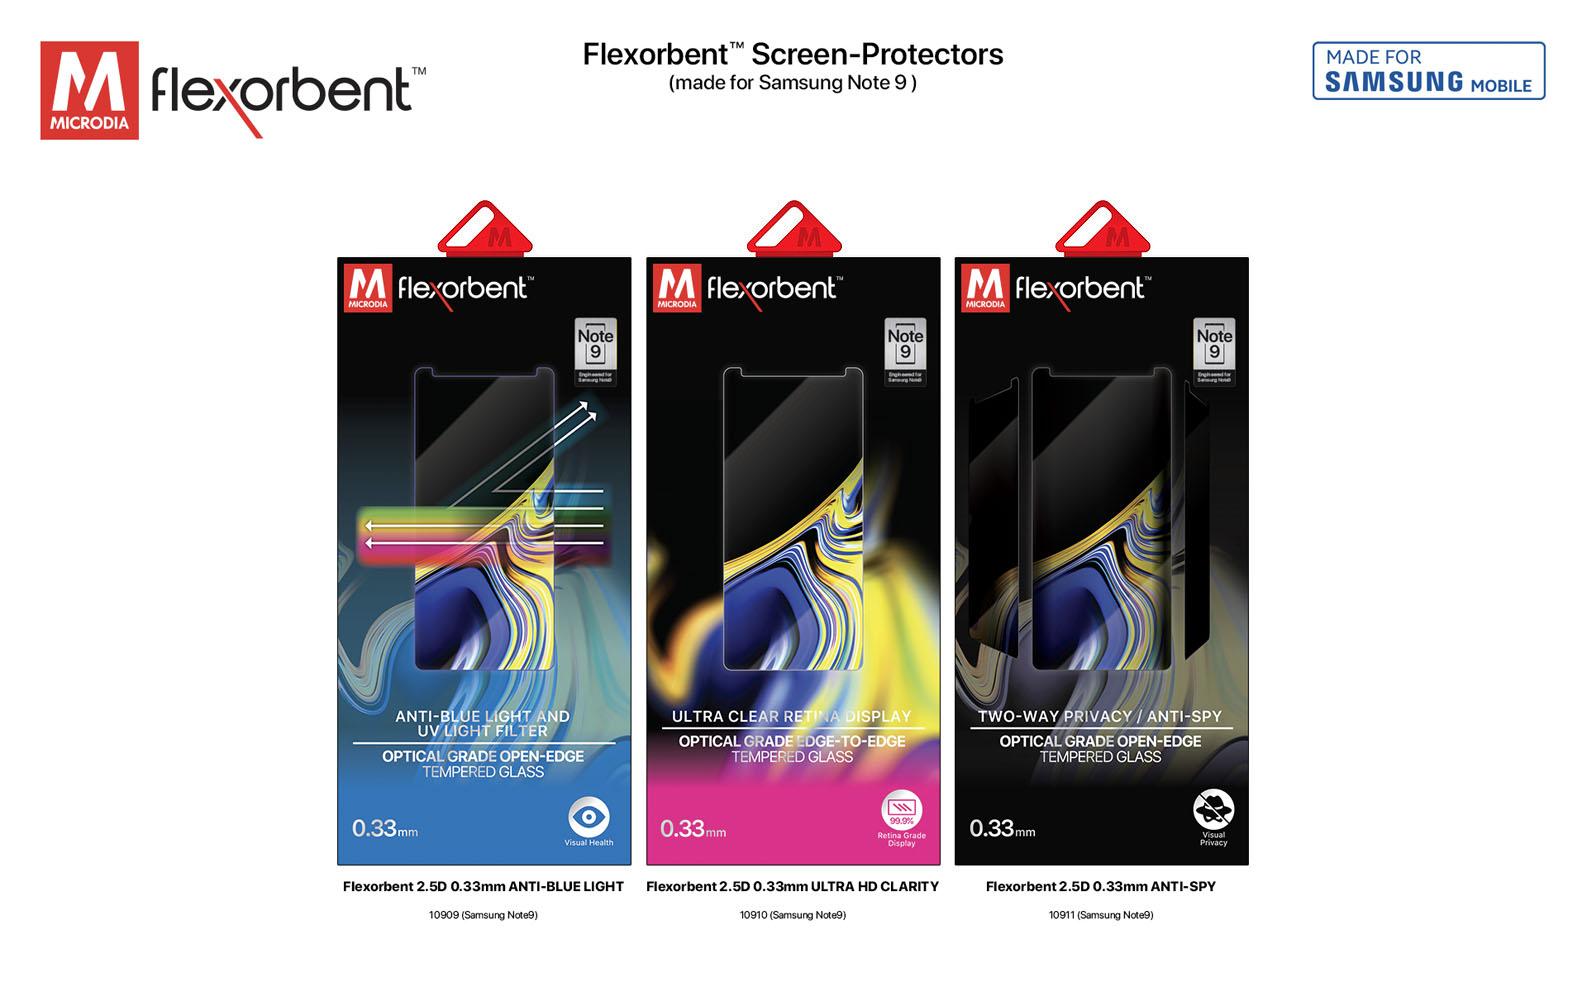 Flexorbent Screen-Protectors2